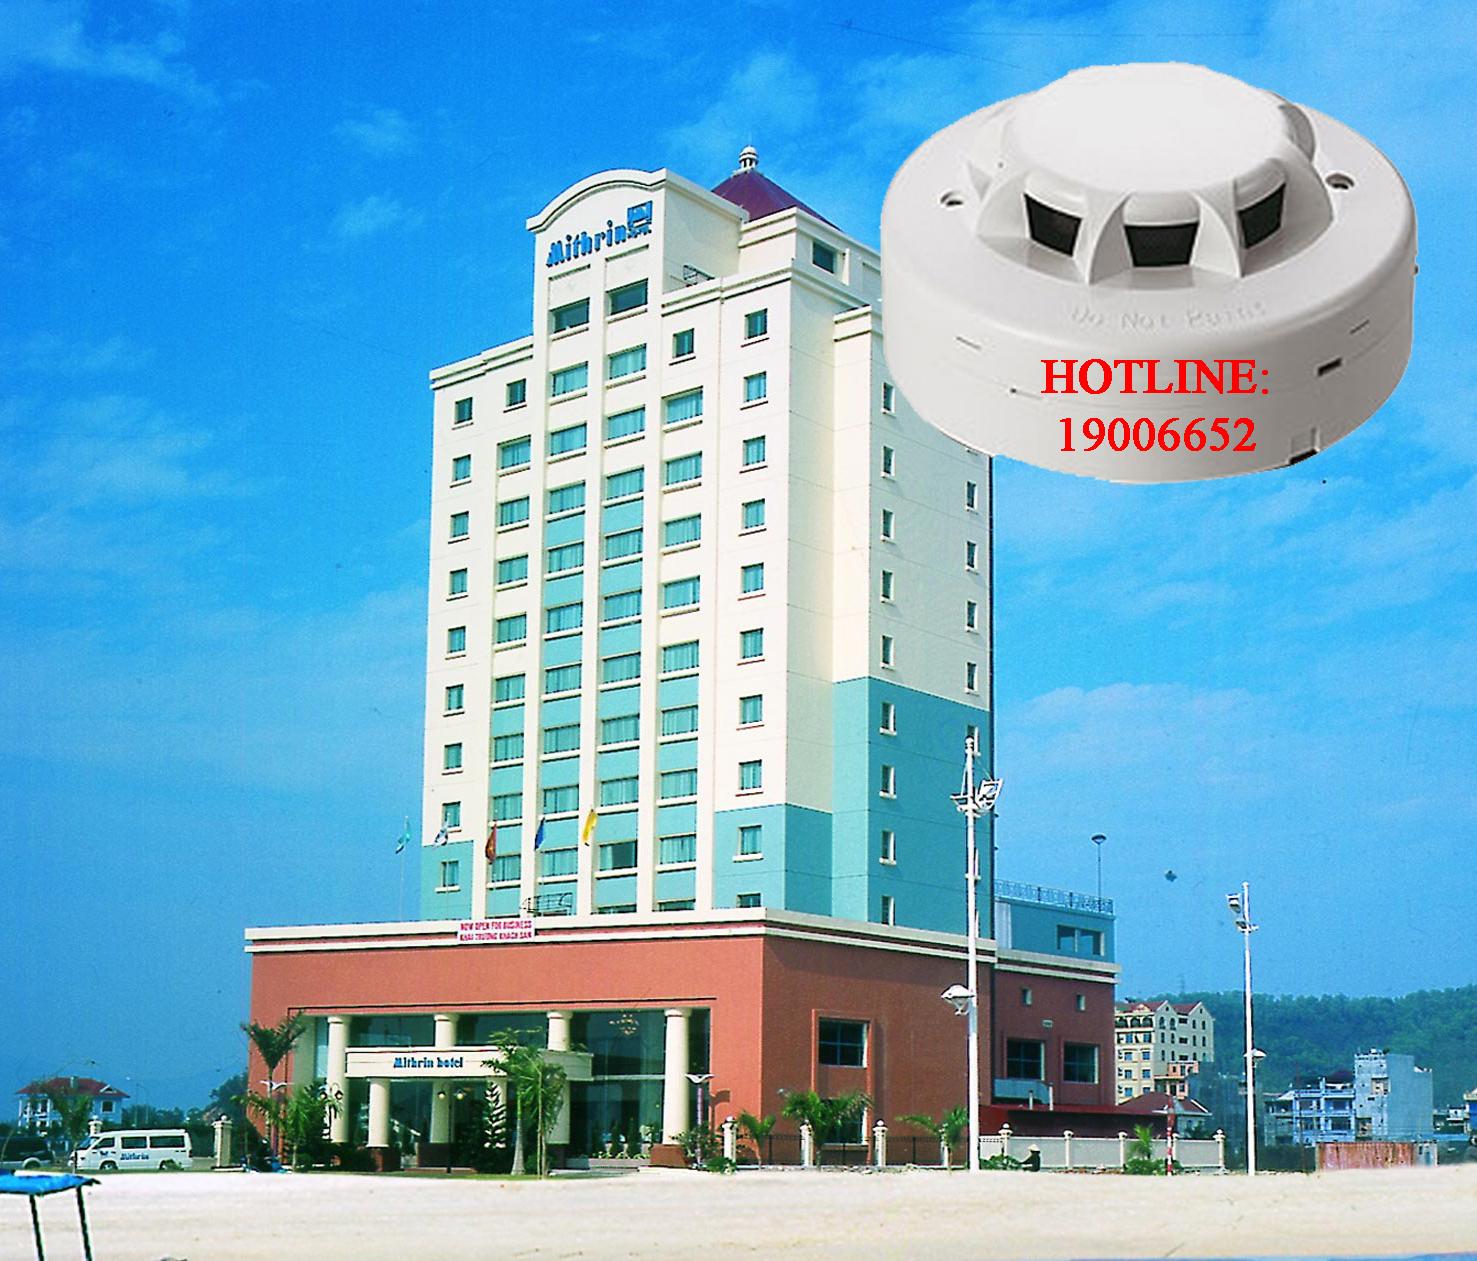 Chuyên gia sửa chữa hệ thống báo cháy cho khách sạn giá rẻ post image